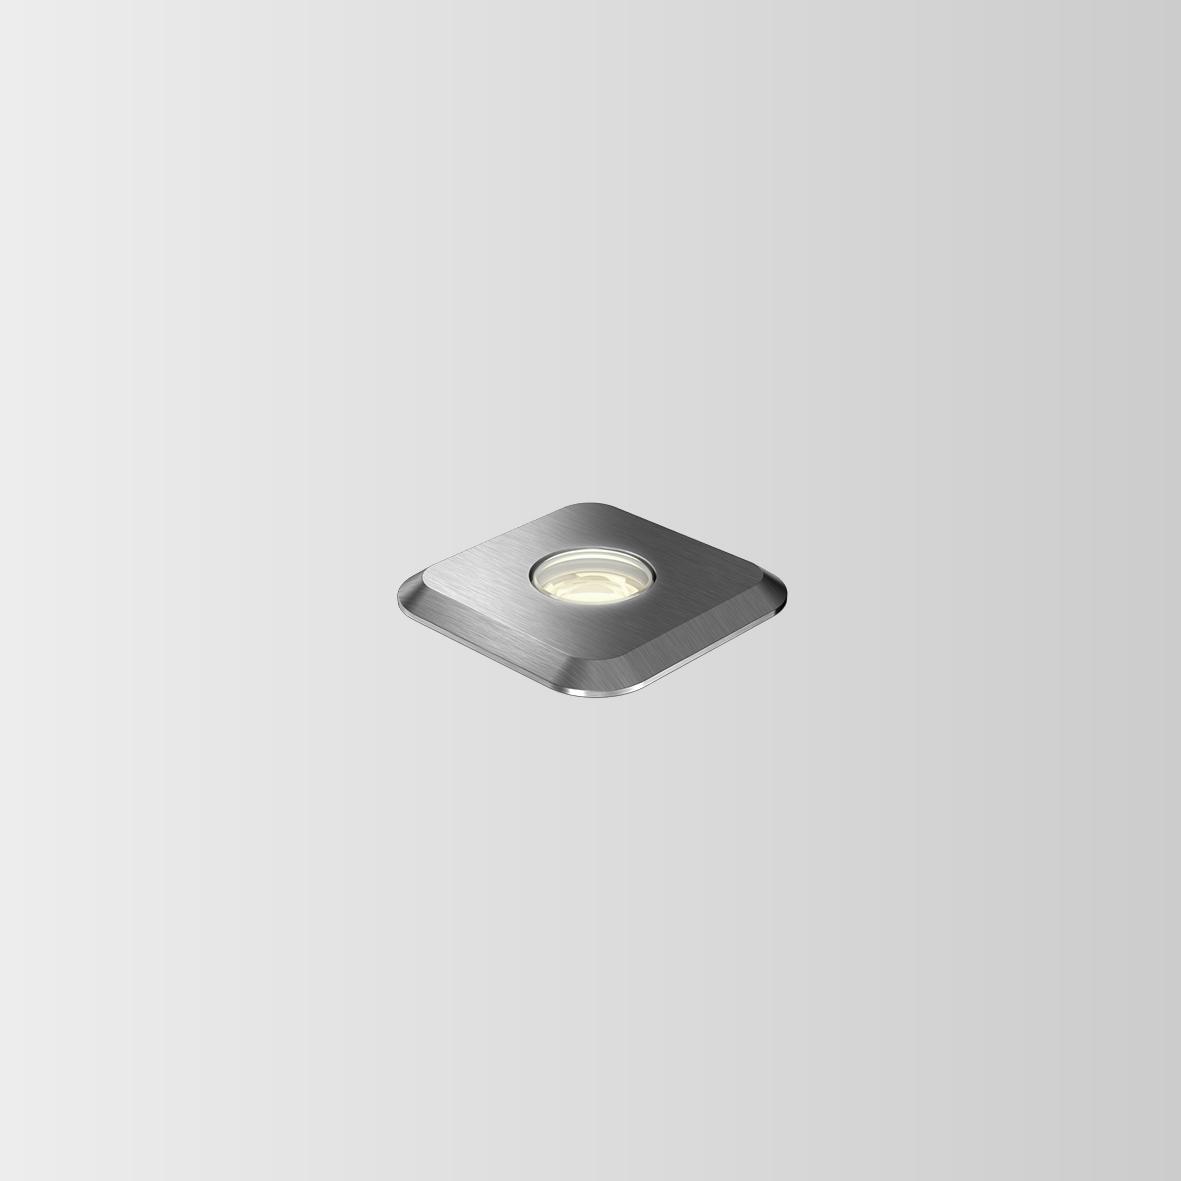 CARD 0.3 LED 3000K INOX 1W 80CRI 350mA, välisvalgusti süvistatud pinnasesse